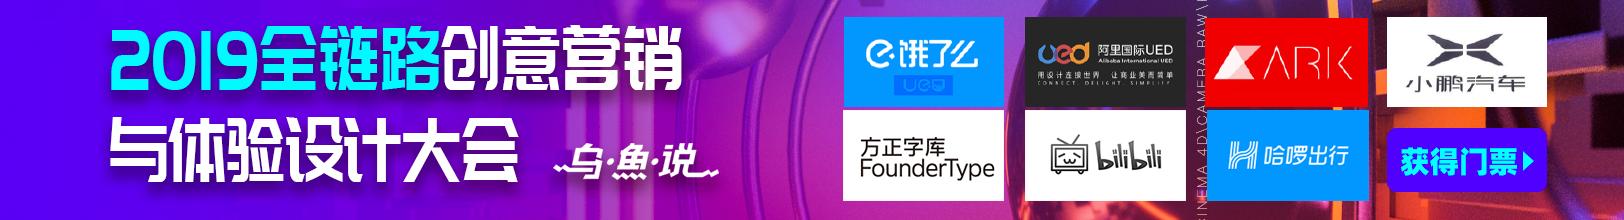 """""""乌鱼说2019全链路创意营销与体验设计大会"""""""